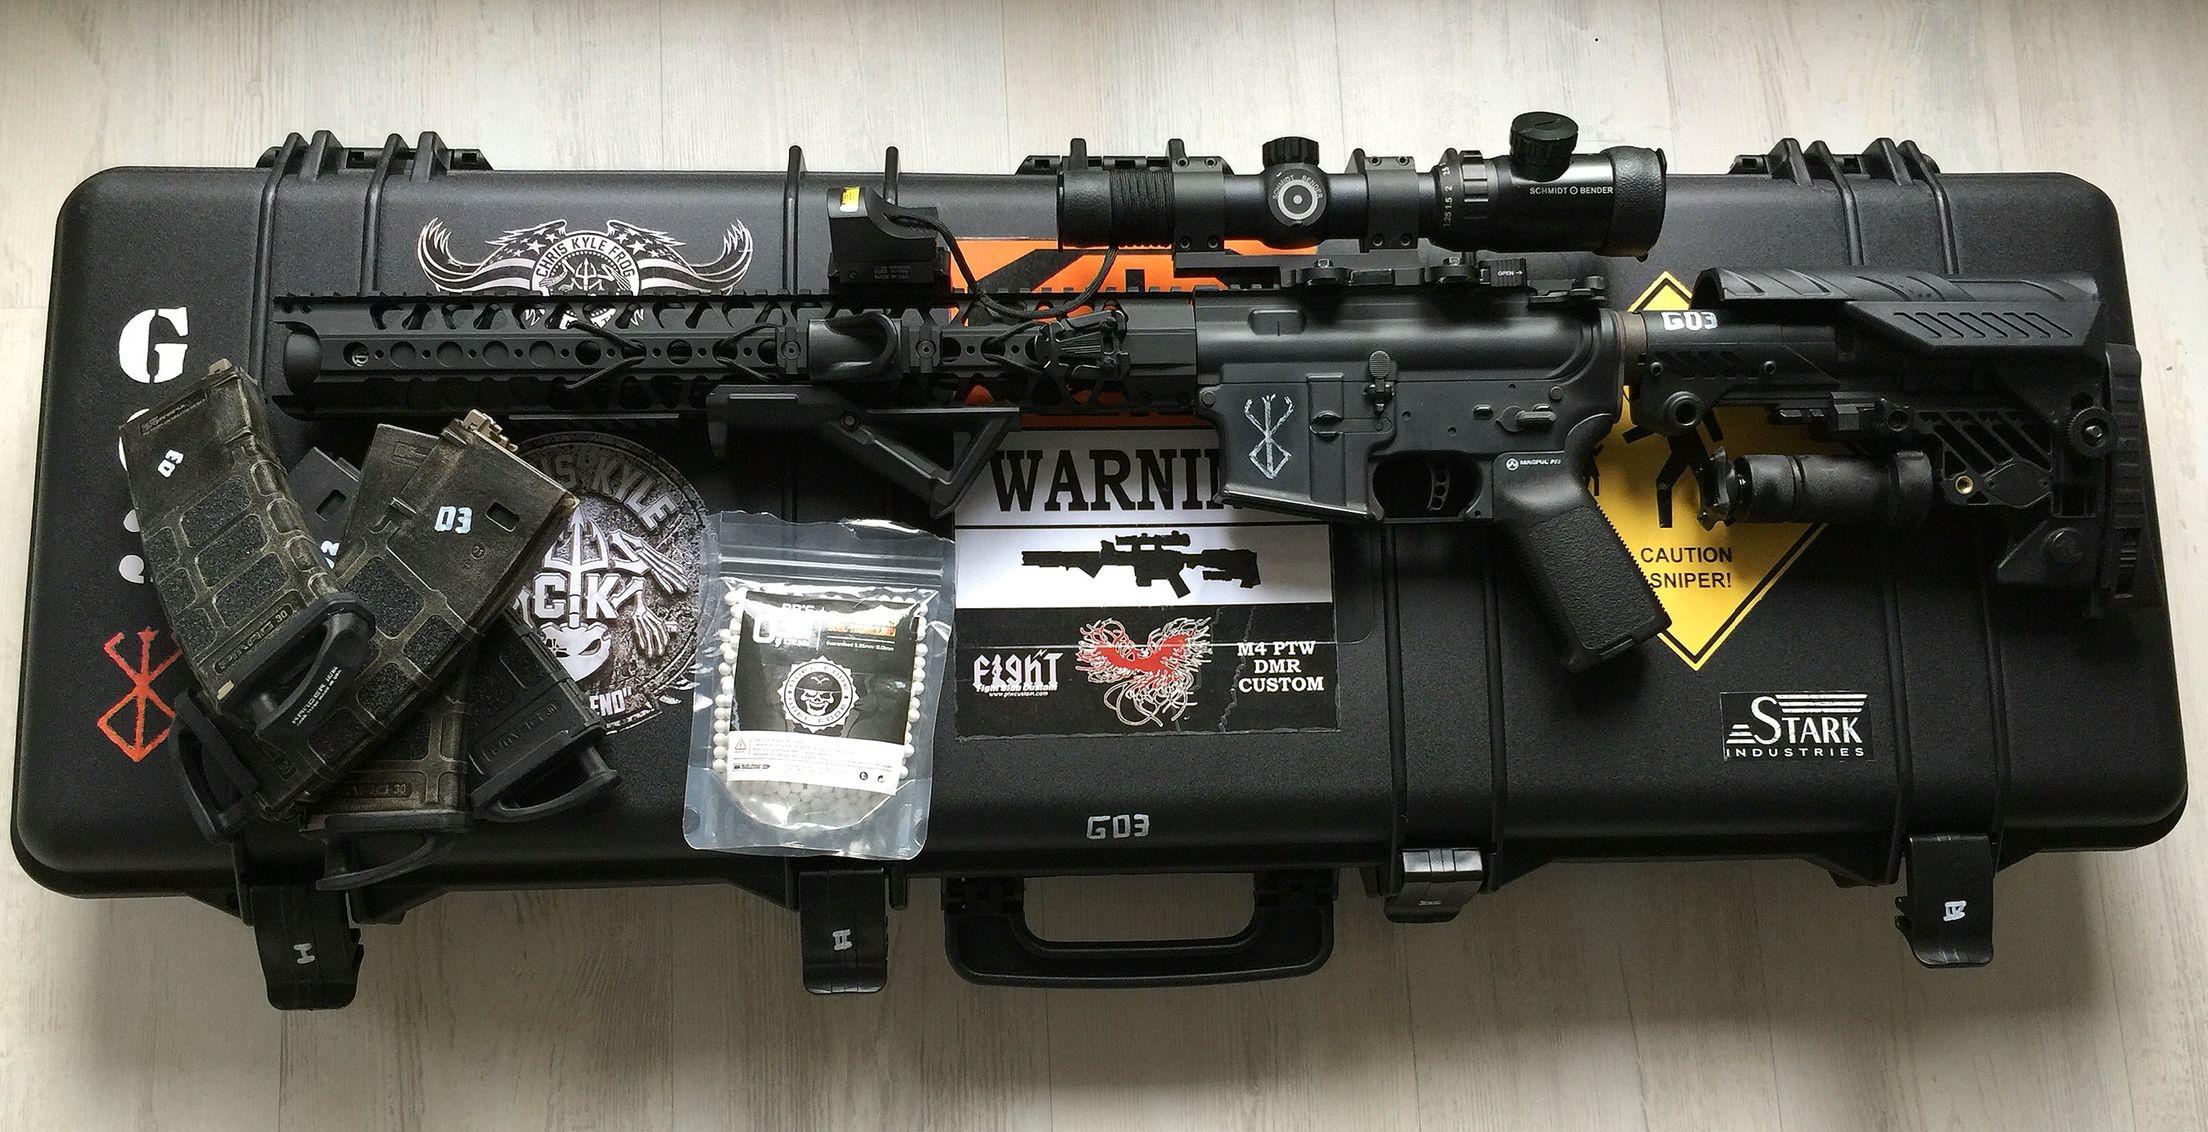 M4 SYSTEMA PTW DMR | Air guns | Guns, Firearms